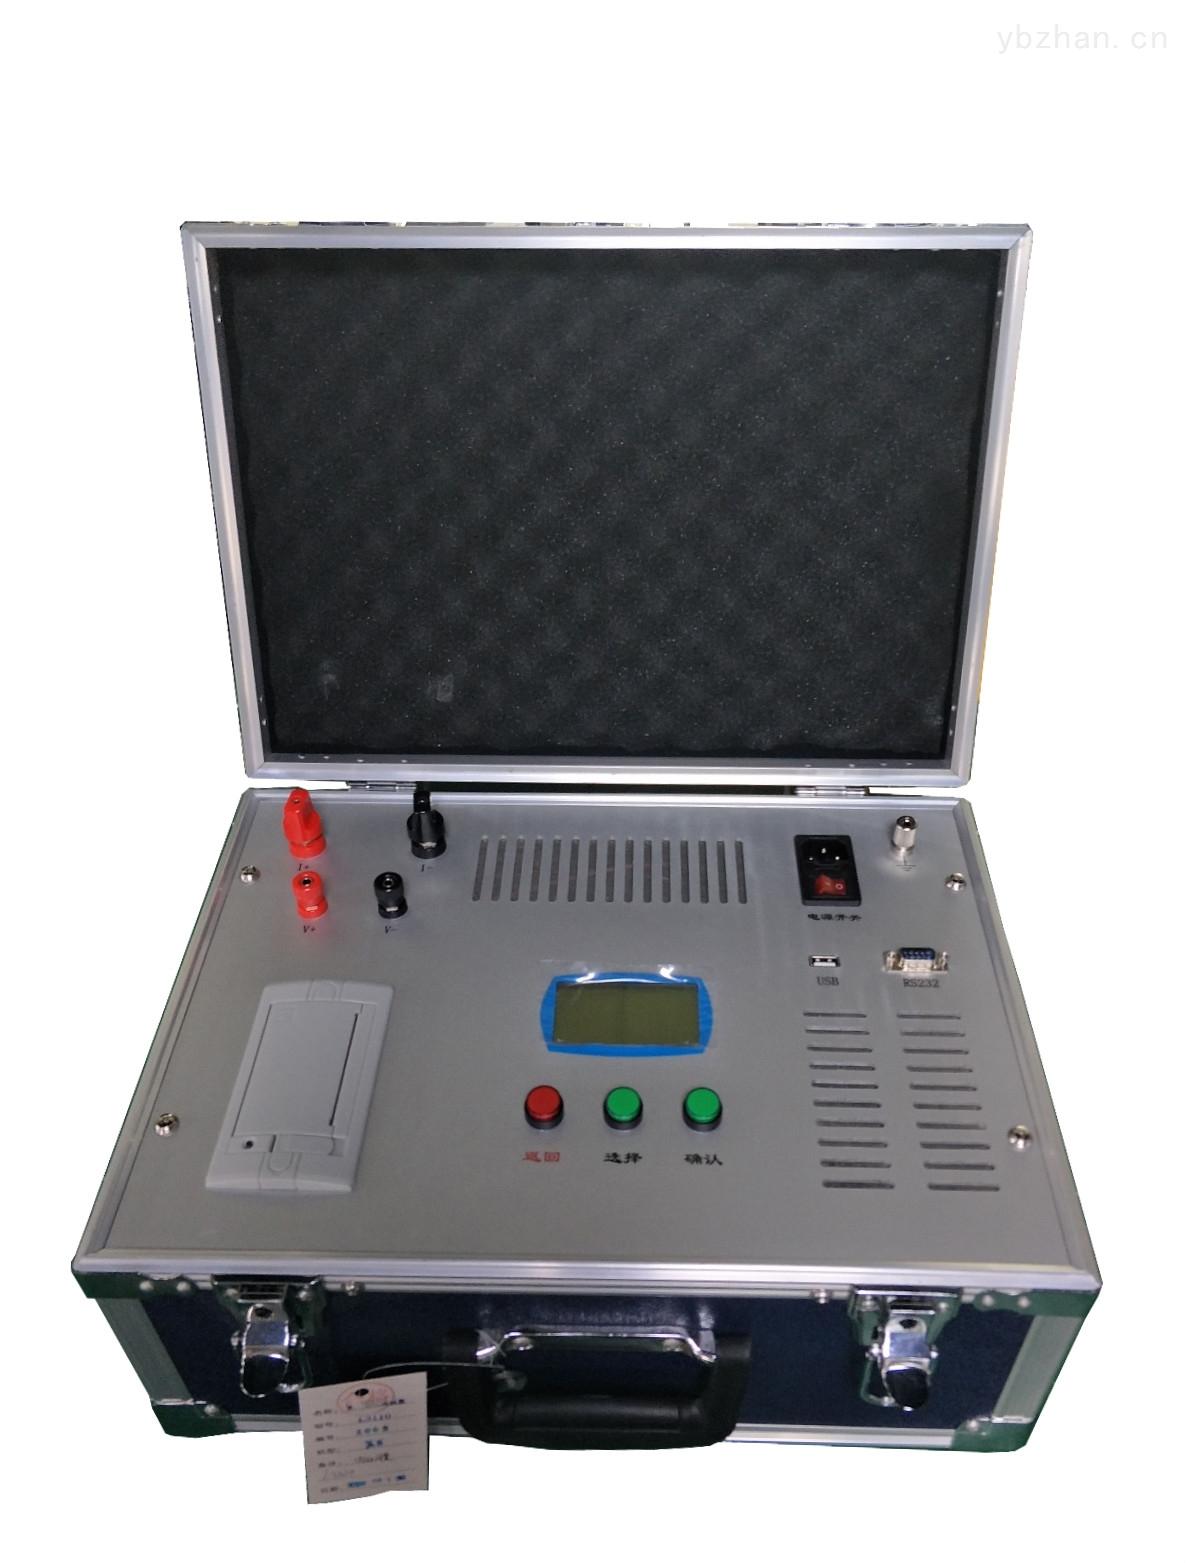 久益便携式接地引下线导通测试仪